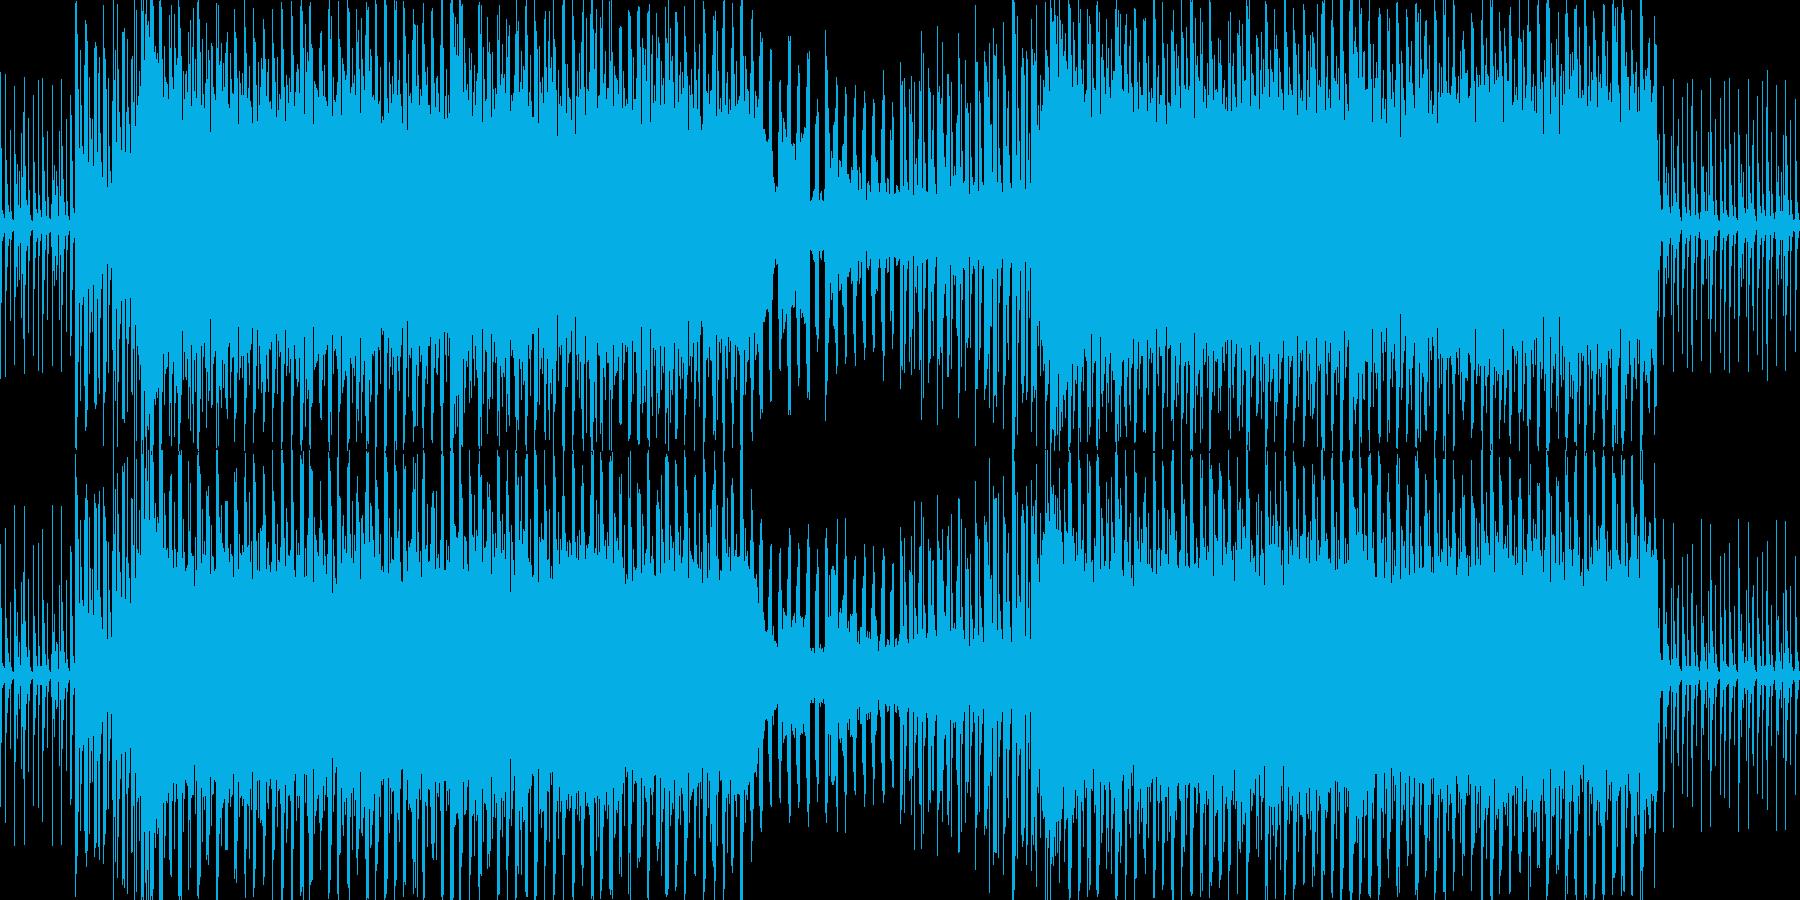 キャッチーで明るいEDMの再生済みの波形